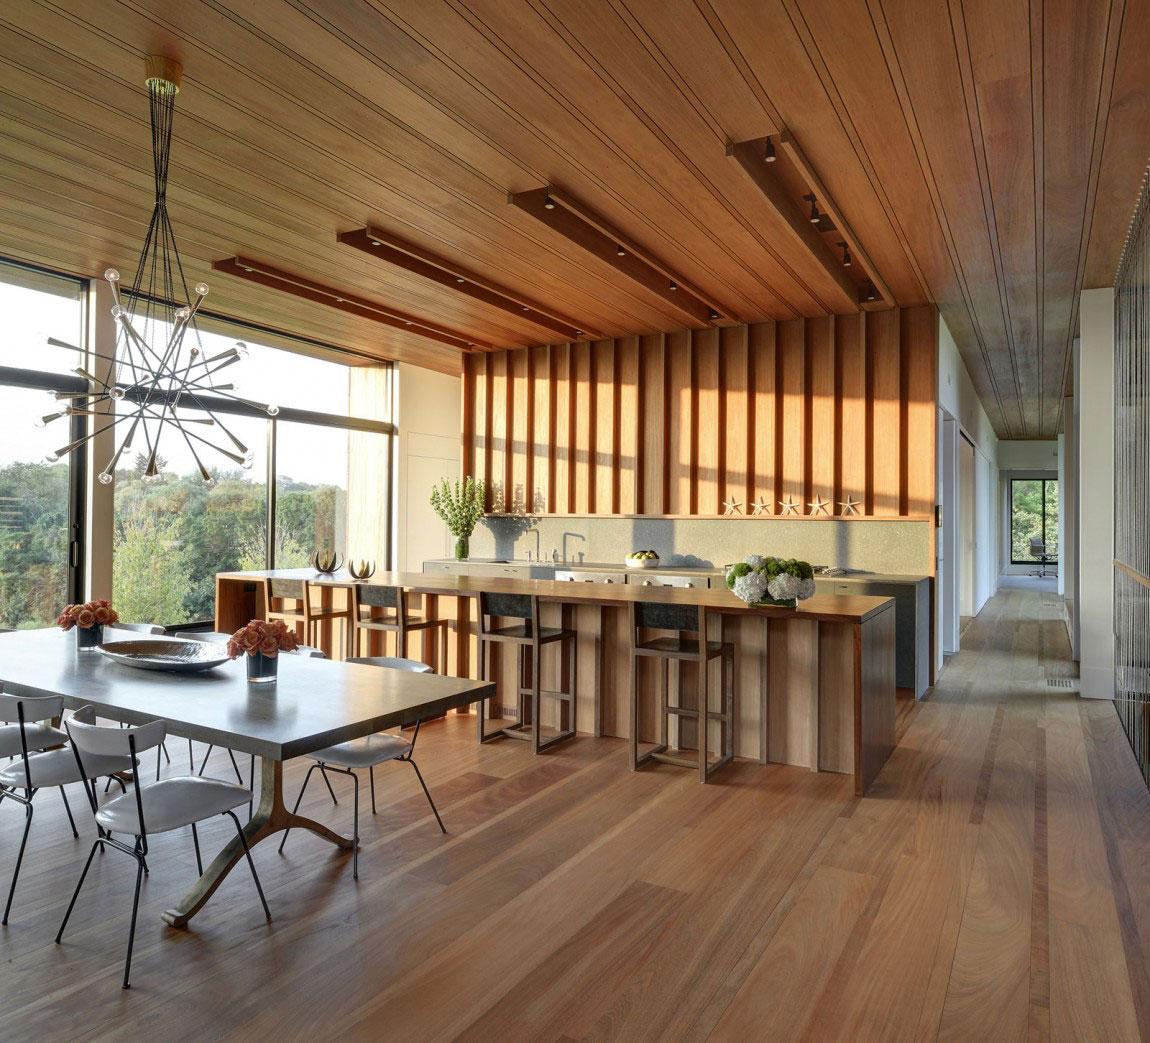 Nytt-kök-interiör-design-exempel-7 Vet du inte hur du designar nästa kök?  Här är nya exempel på kökinredning